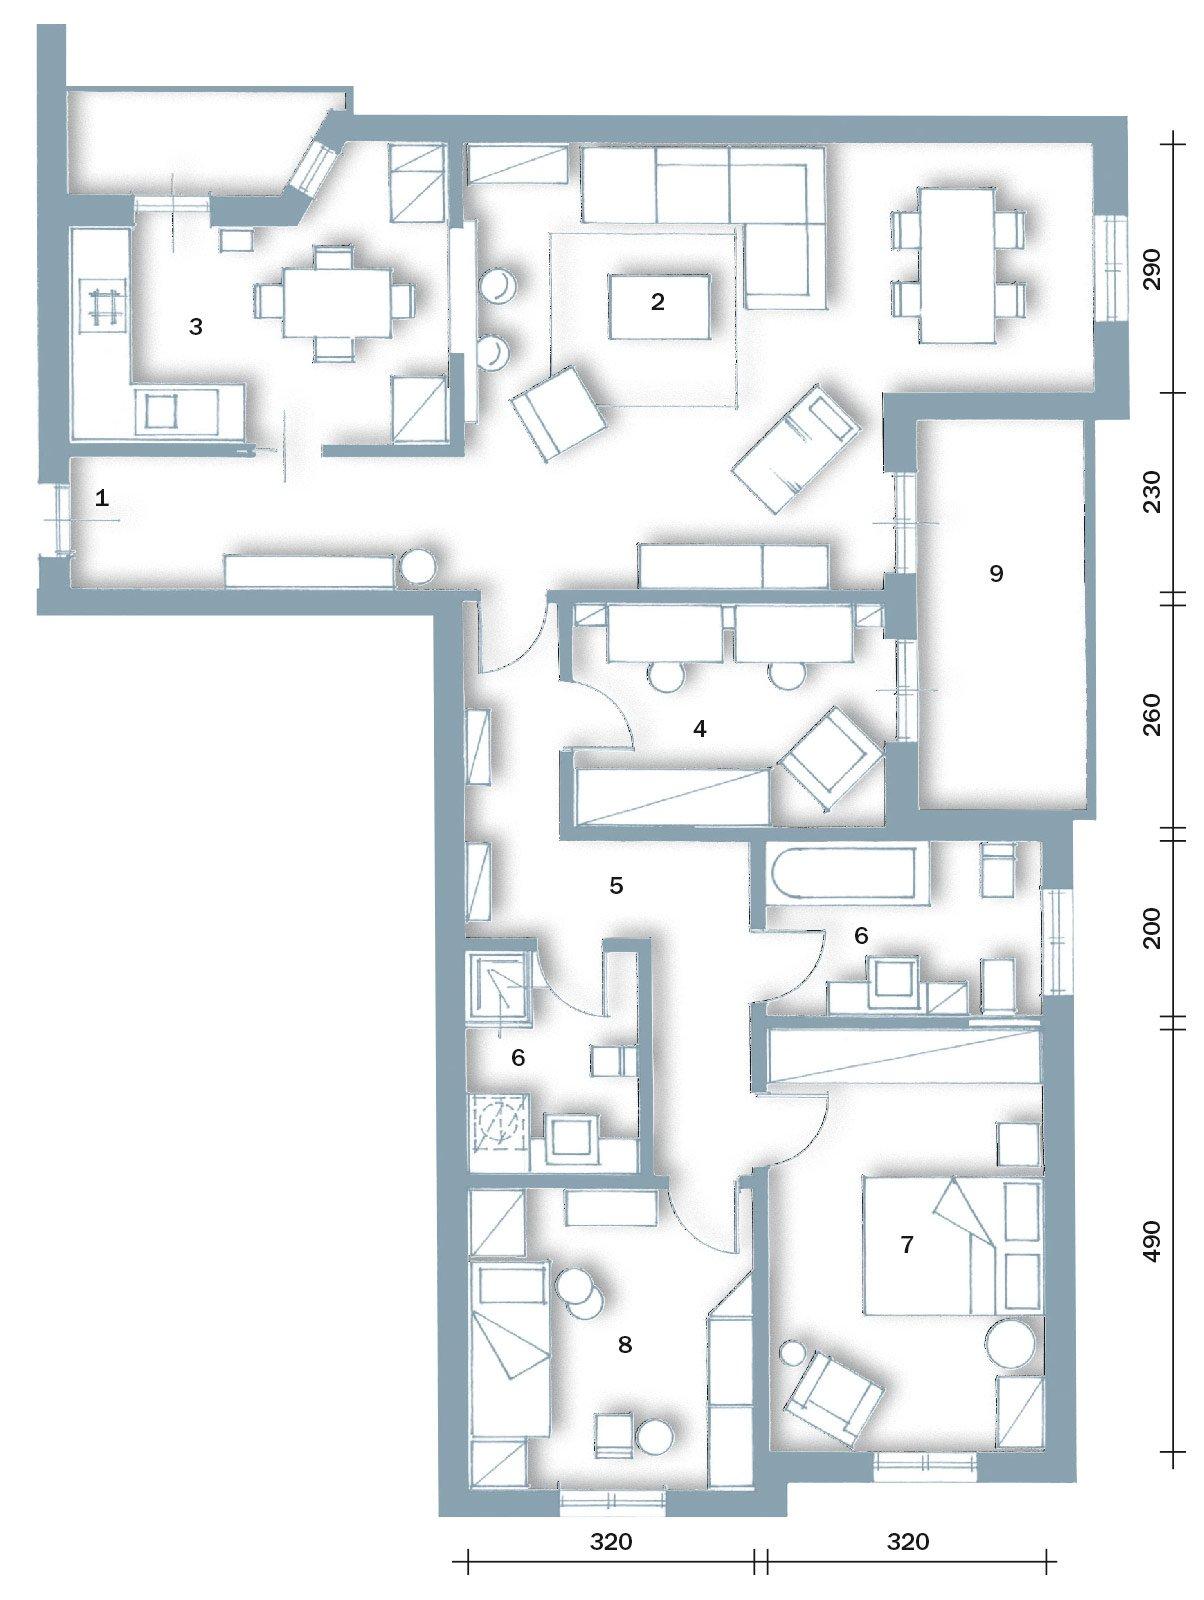 Planimetria casa con misure perfect magicplan screenshot - Disegno pianta casa ...